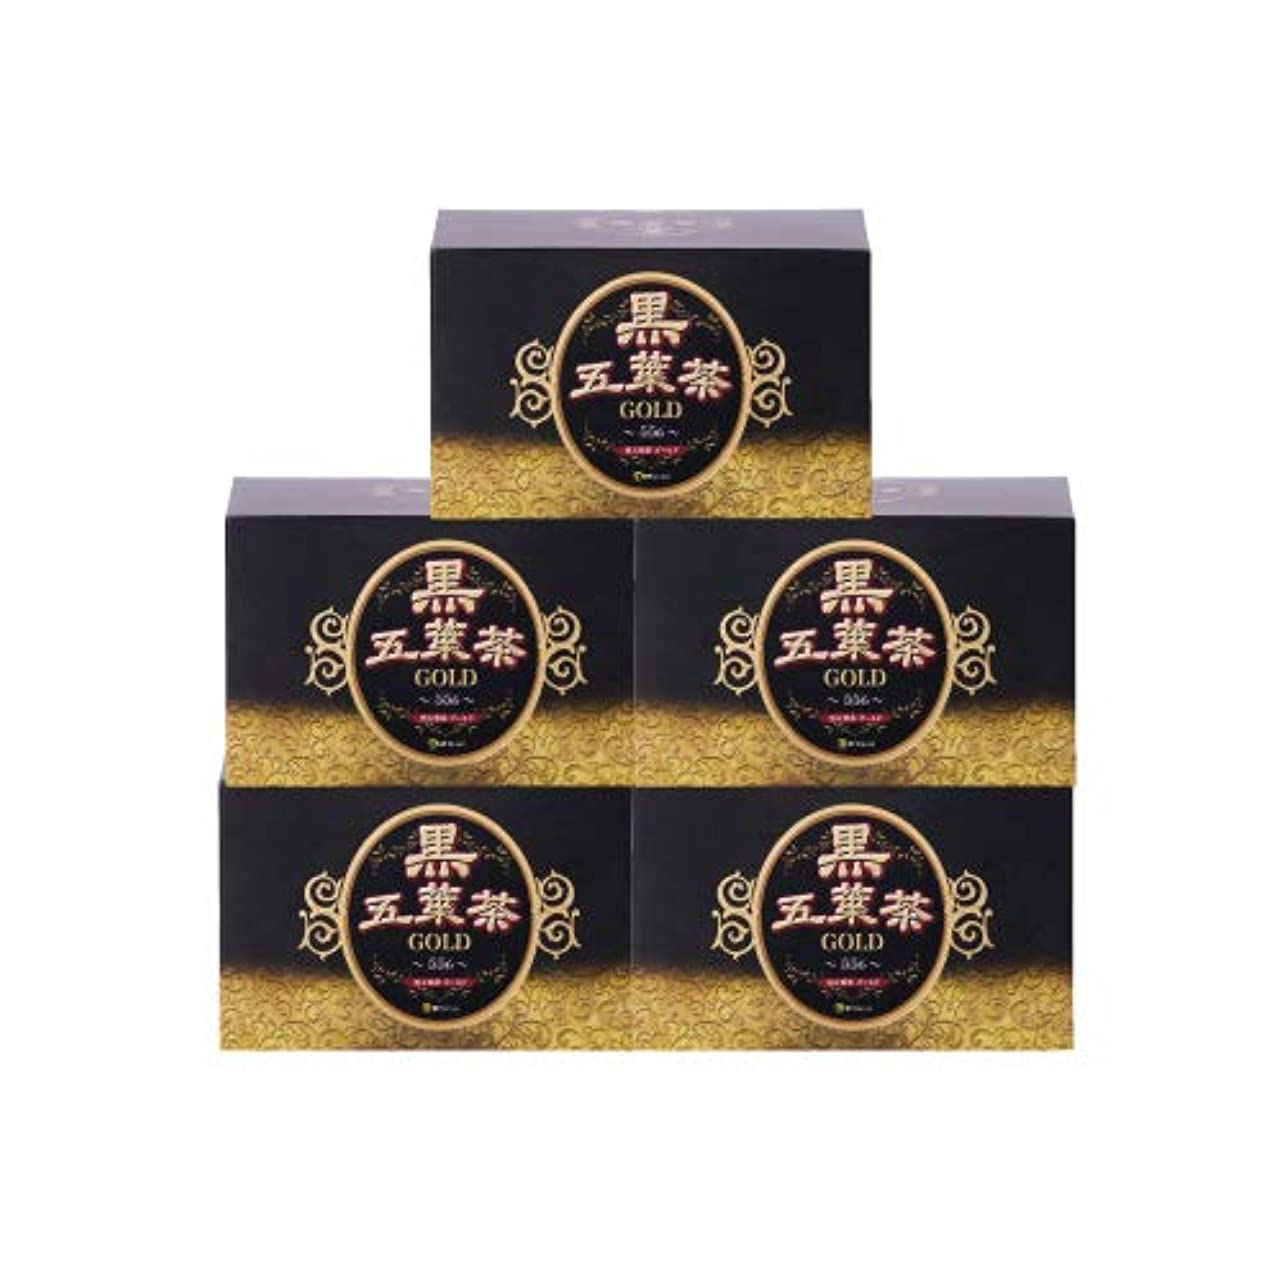 励起学生ジャングル黒五葉茶ゴールド 30包 5箱セット ダイエット ダイエット茶 ダイエットティー ハーブティー 難消化性デキストリン